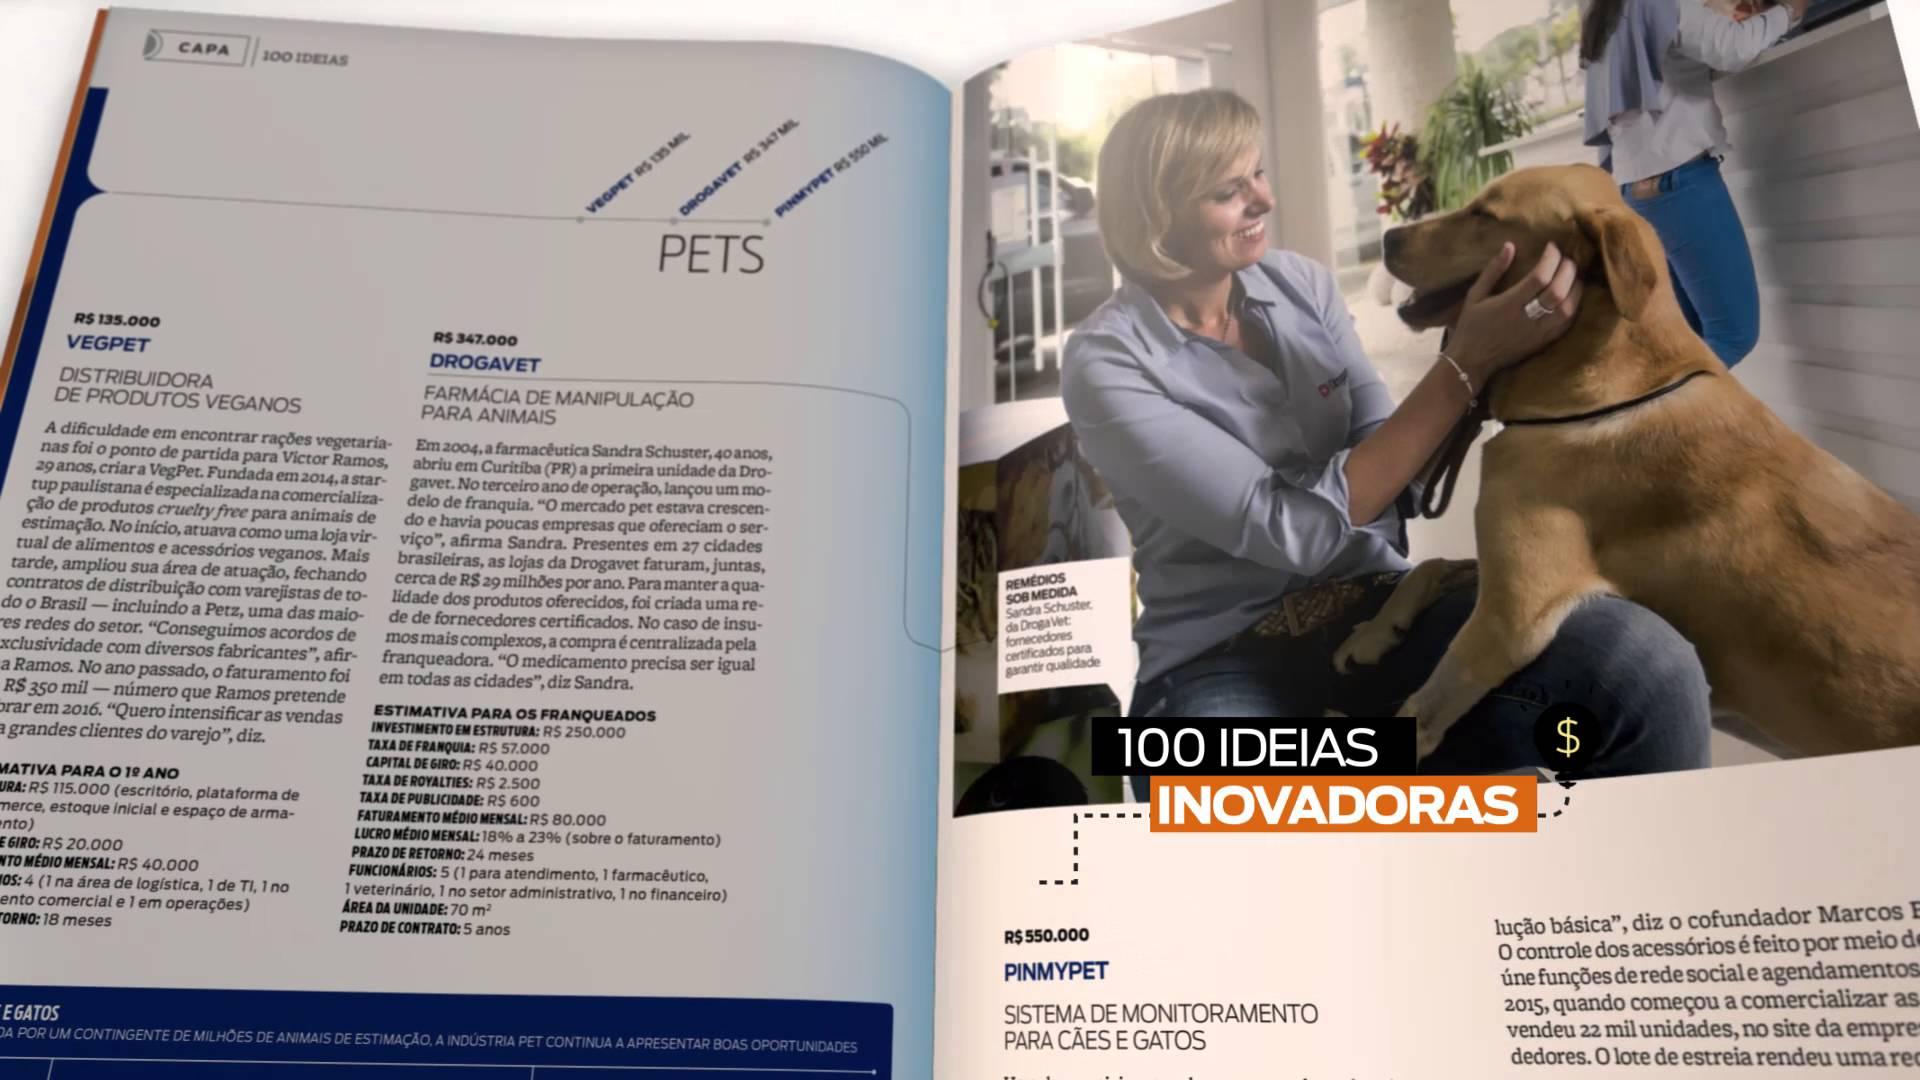 100 ideias inovadoras para montar seu negócio